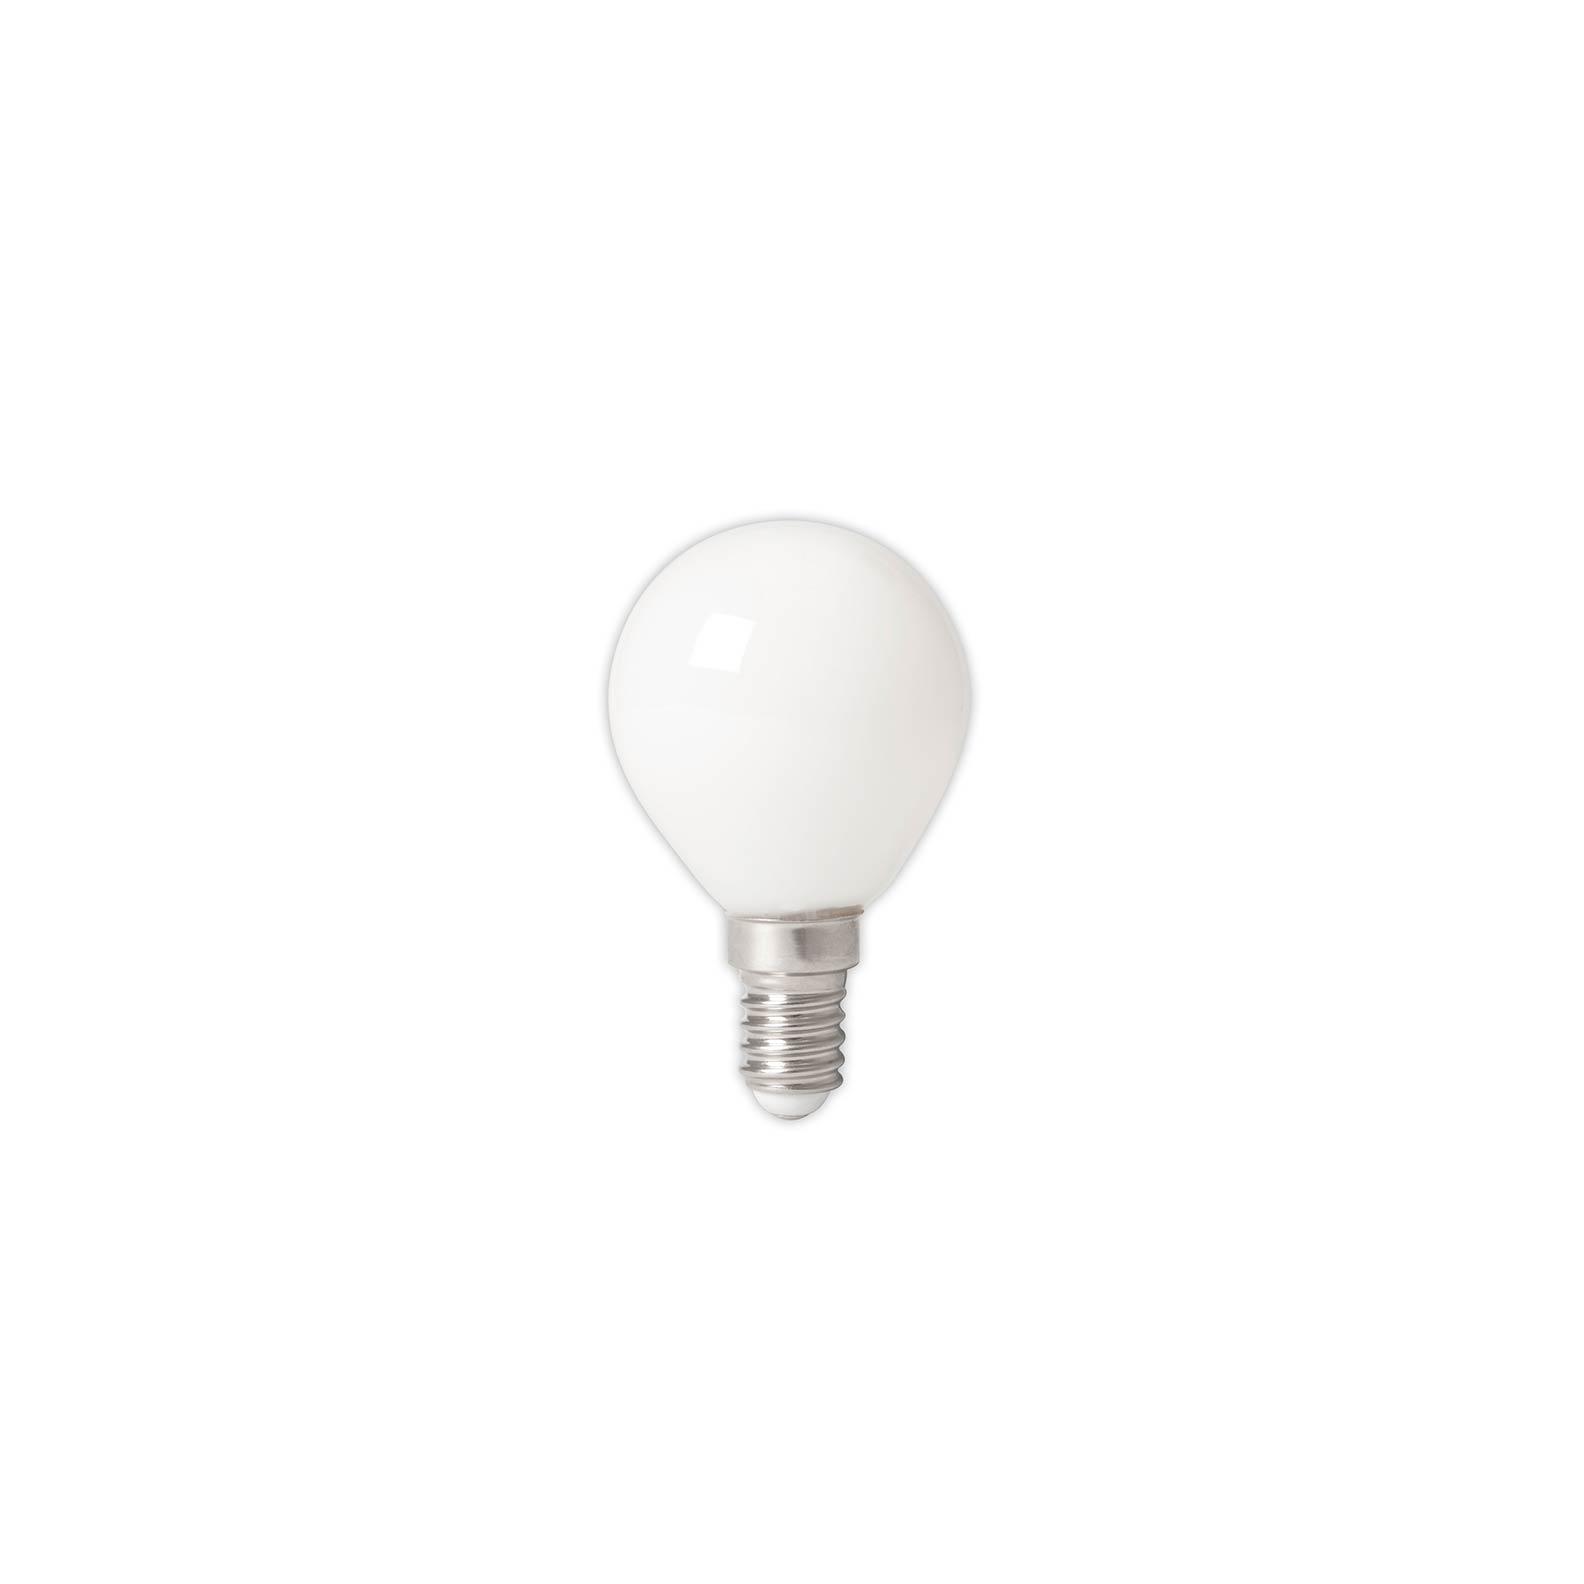 Led Round Light Bulb E14 3 5w S971